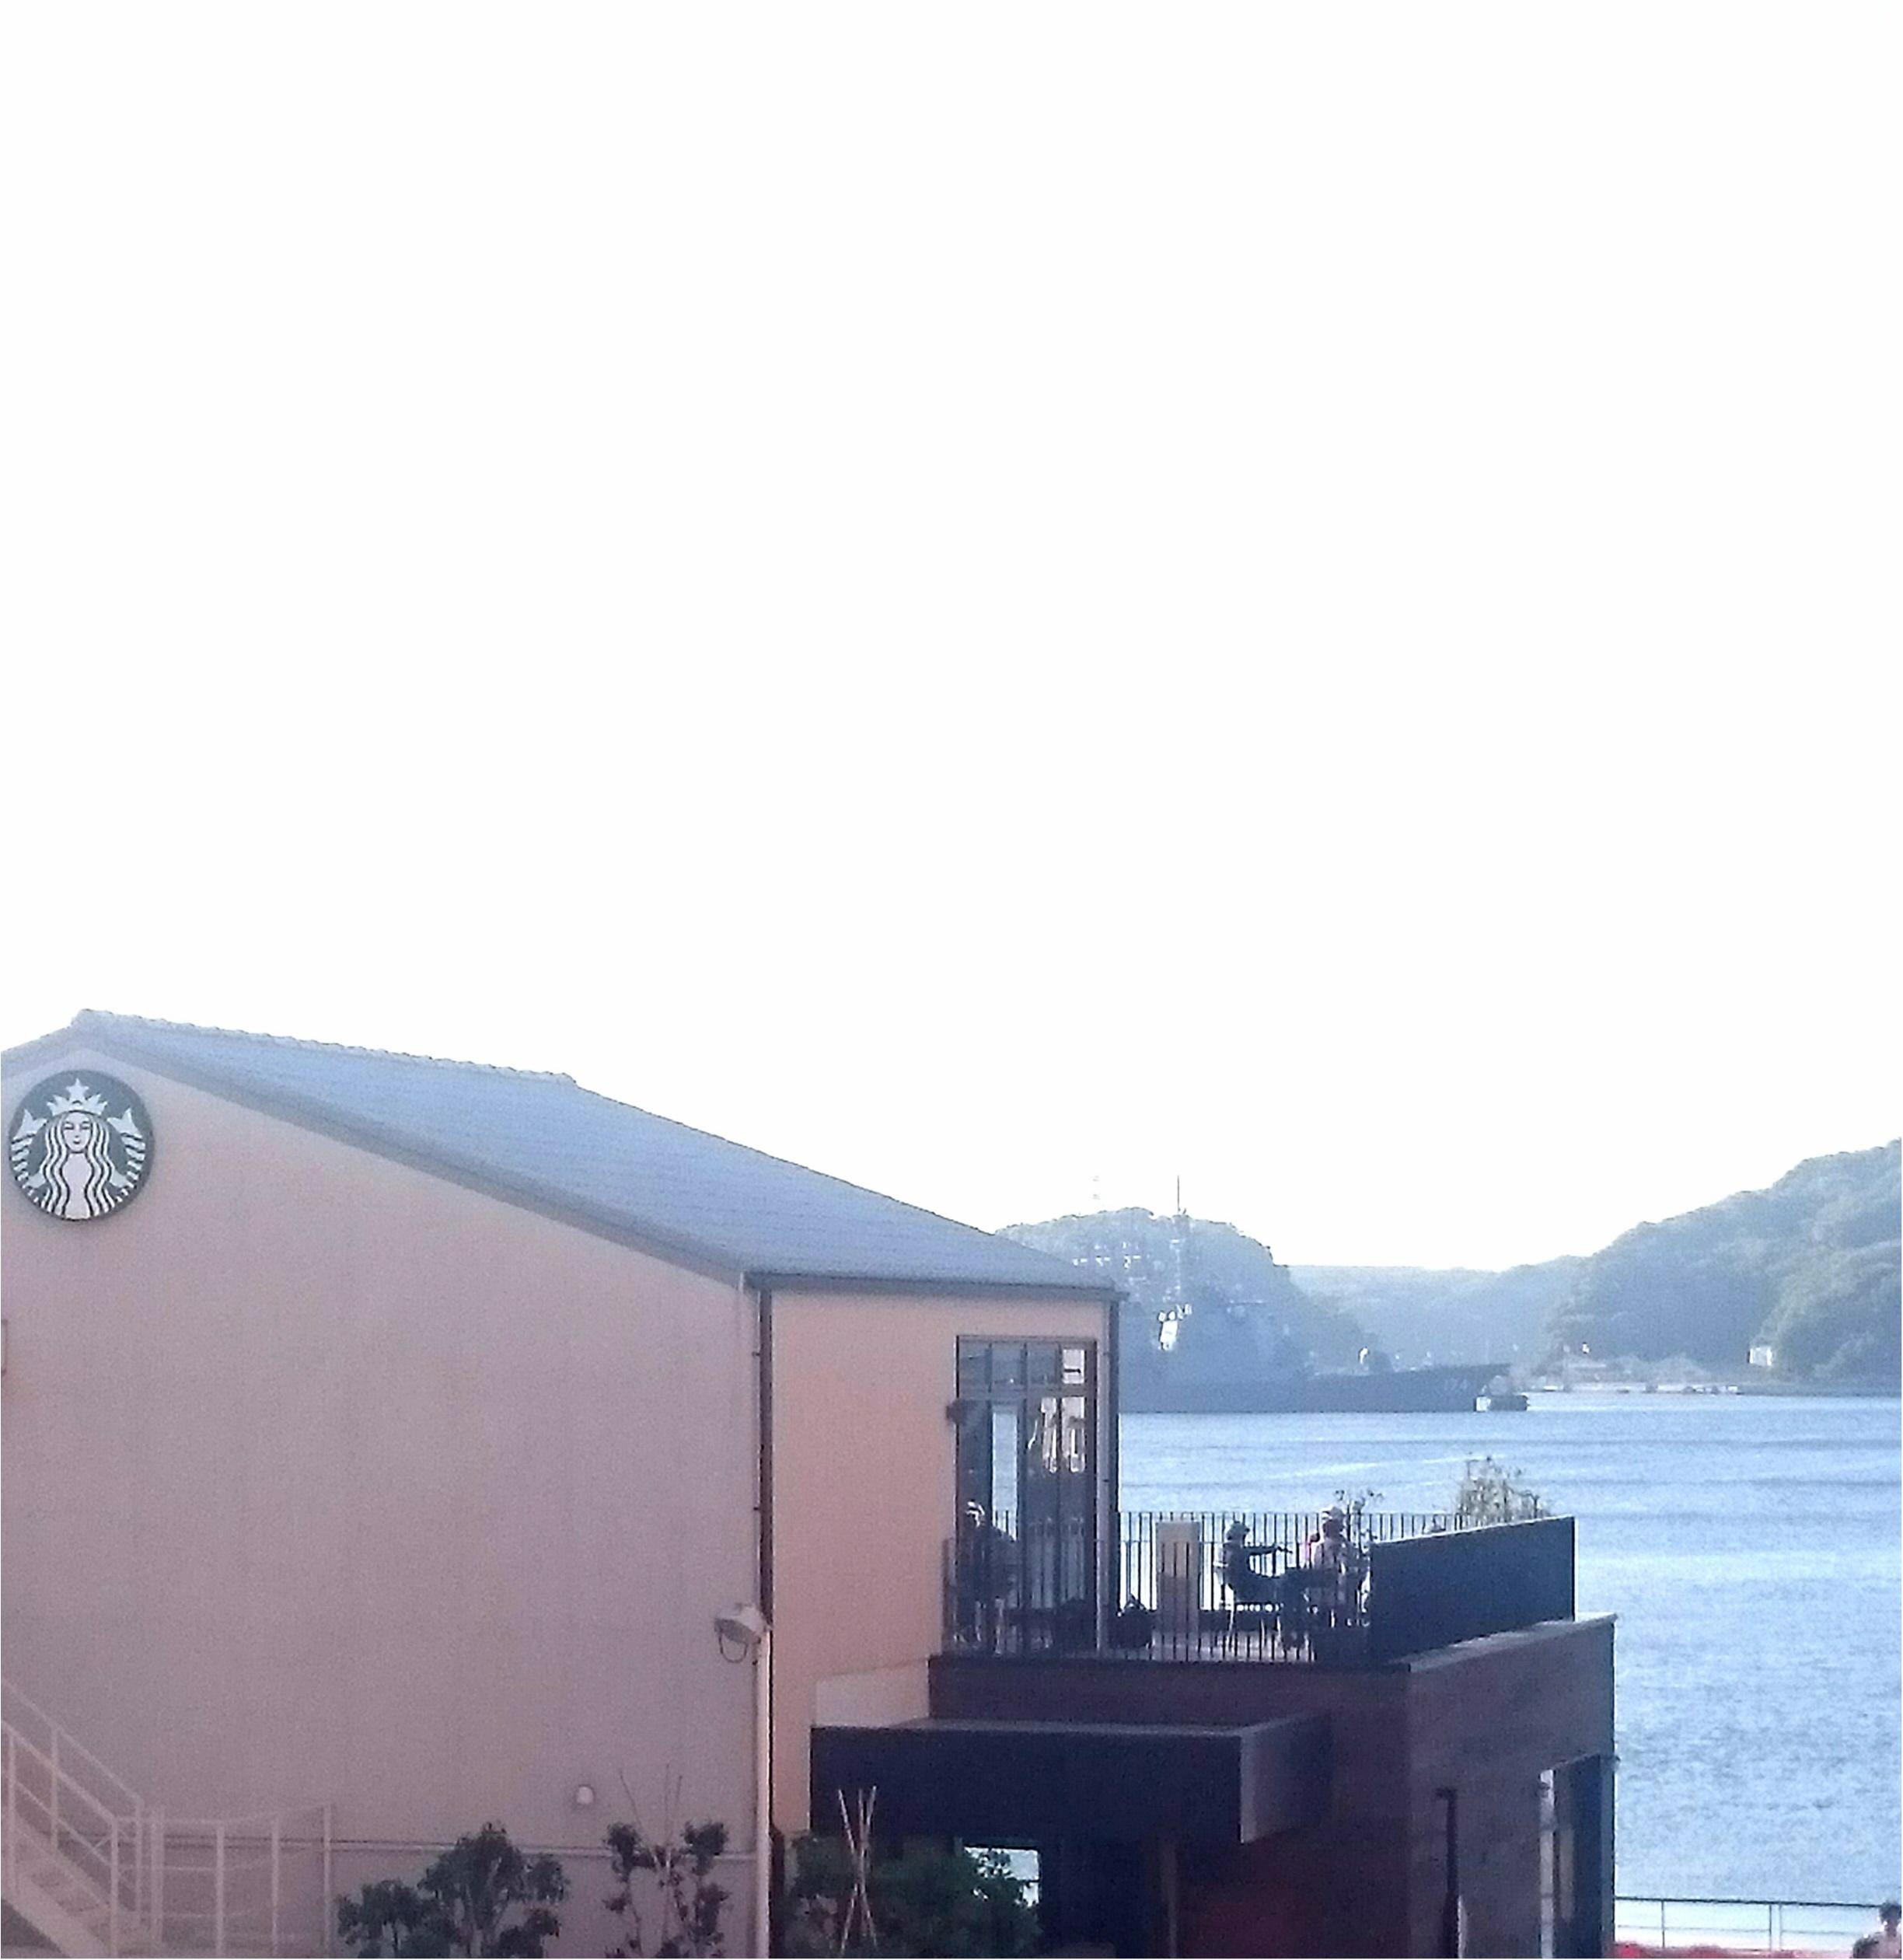 【海が見えるスタバ】【一度は行きたい景色のいいスタバ】港を見ながら○○名物にかけてアメリカンチェリーパイフラペチーノをいただきました♪_1